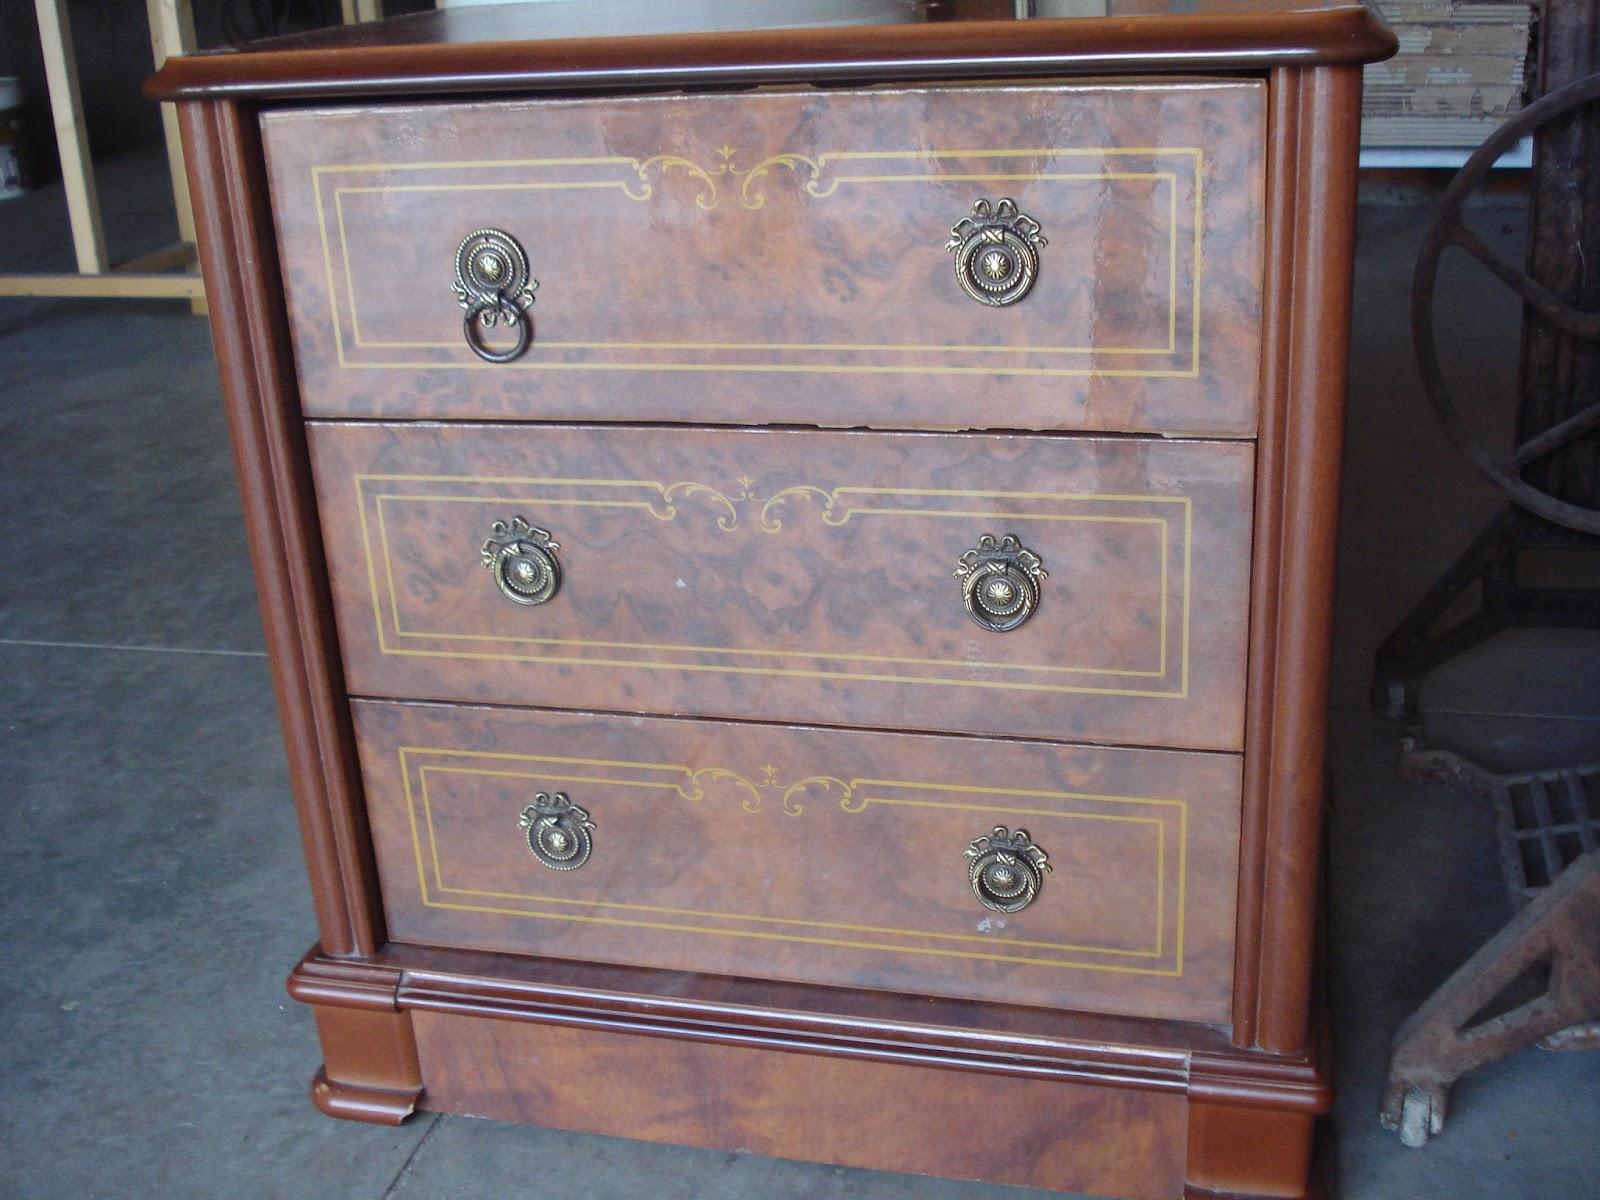 Bricolaje tunear muebles ikea transforma un mueble de ikea en un mueble para el lavabo with - Modificar muebles ikea ...